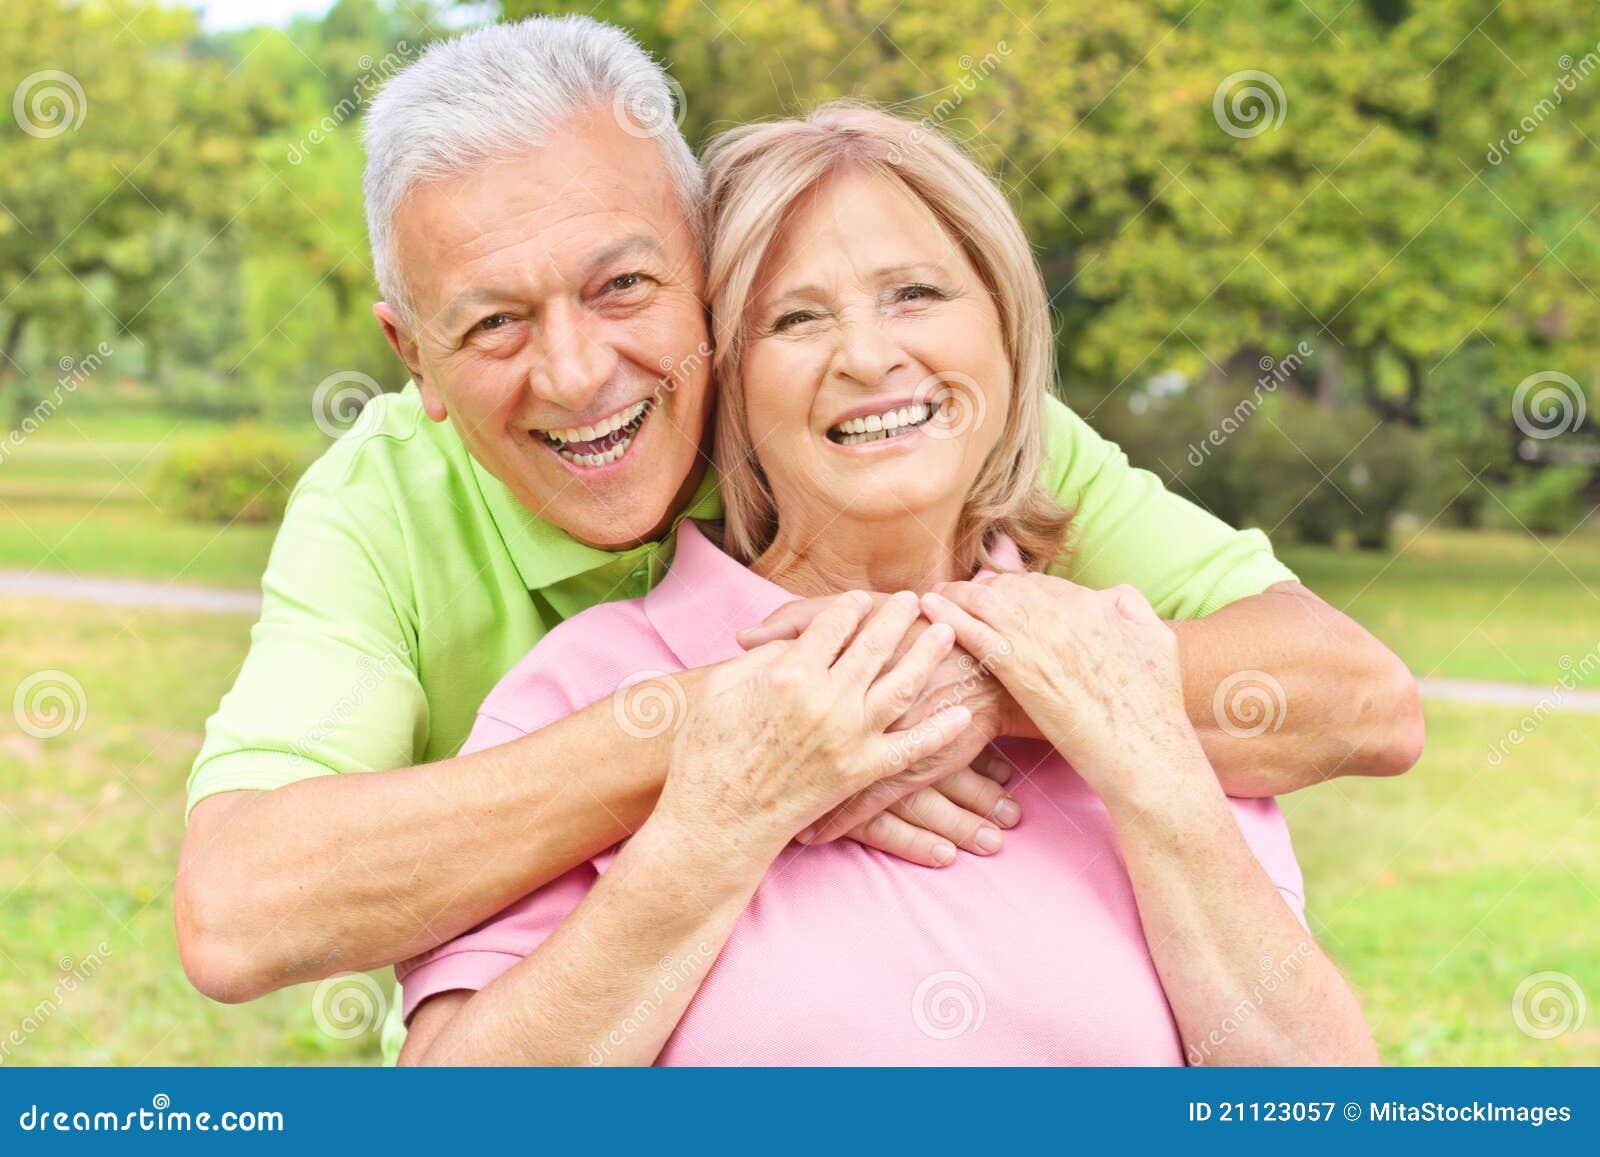 Glückliche alte Leute draußen